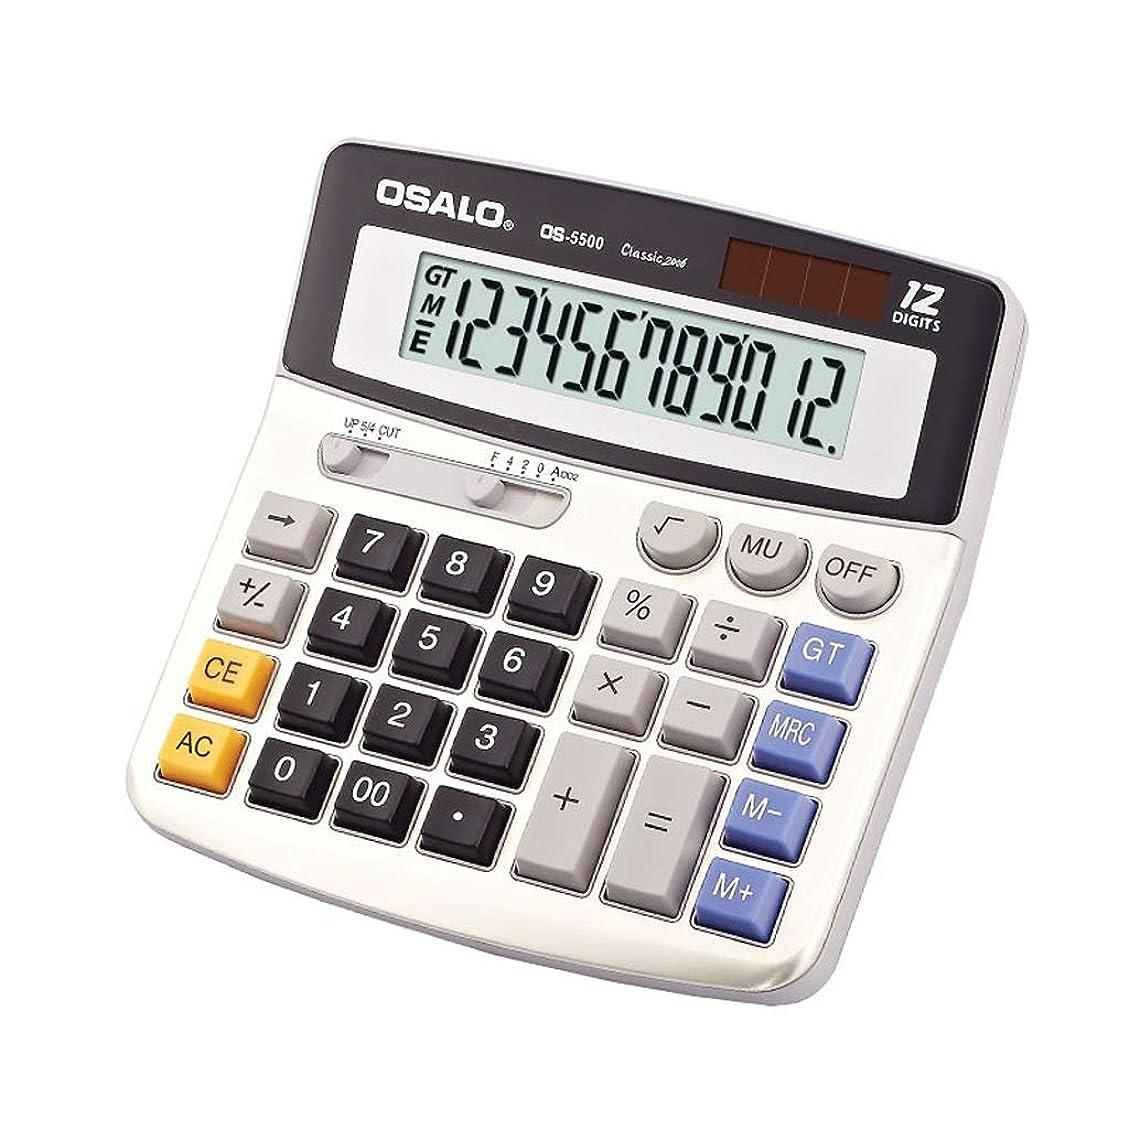 赤道小売いつか12ビット大型ディスプレイバッテリーまたはソーラーパワーオフィスとの電子デスクトップ電卓経済的、実用的